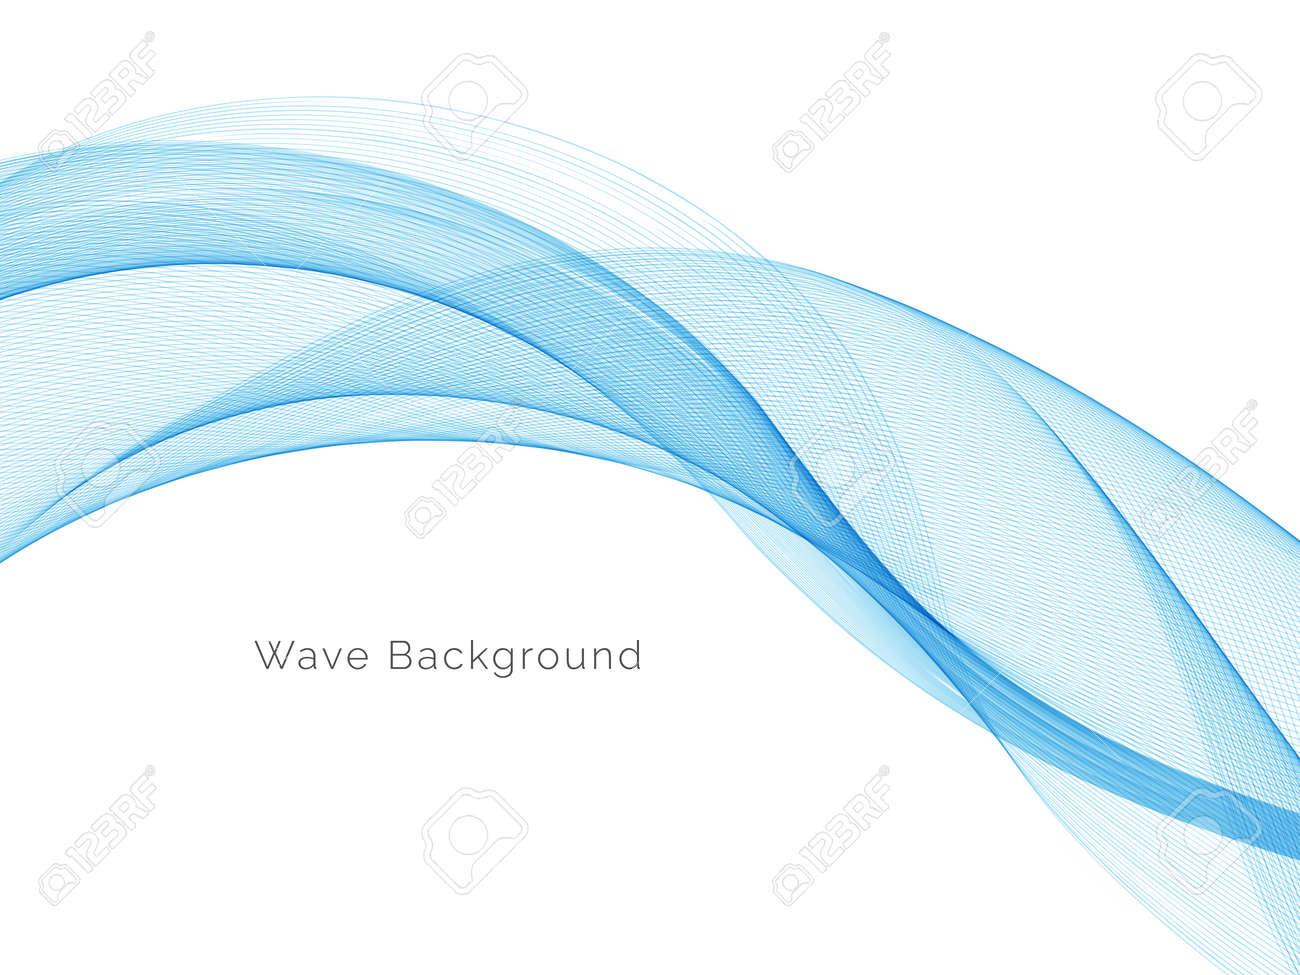 Blue wave concept background illustration vector - 166195981